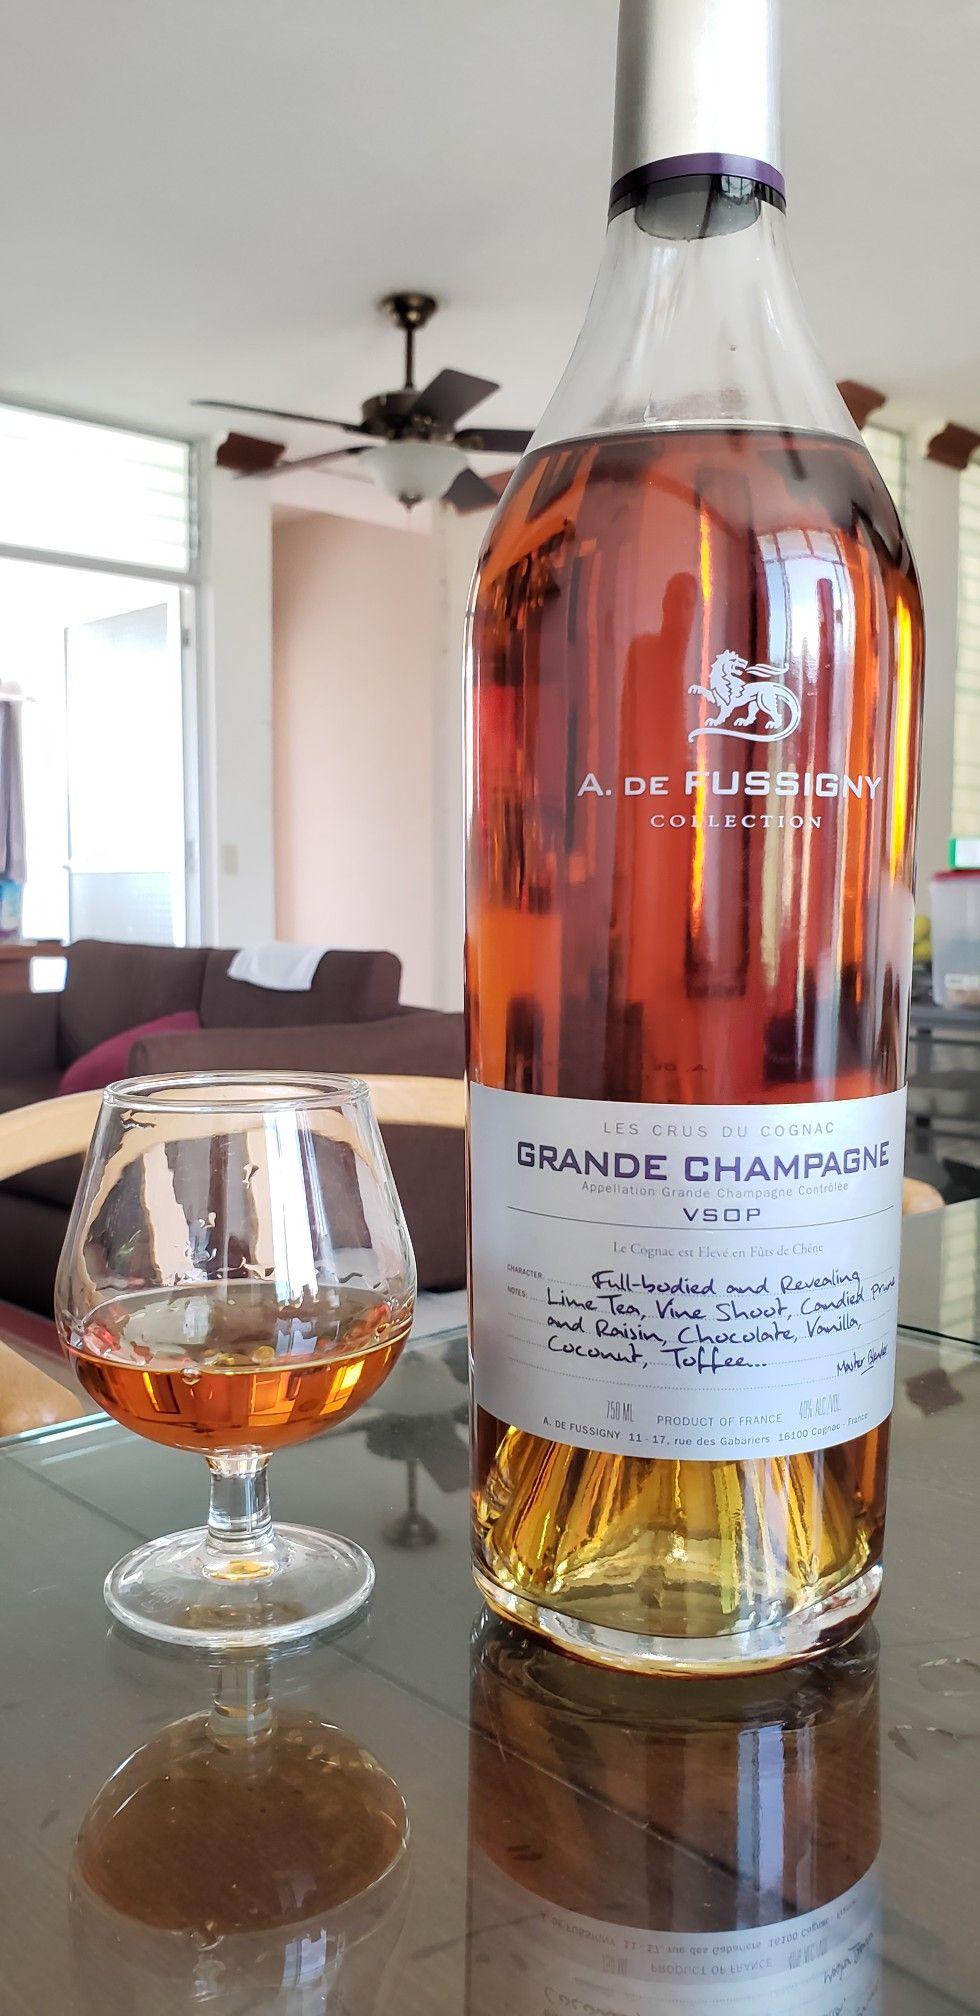 Cognac A De Fussigny Collection Grande Champagne Excelente Conac Muy Rico Conac Cognac Puertovallarta Mexico Alcohol Drink